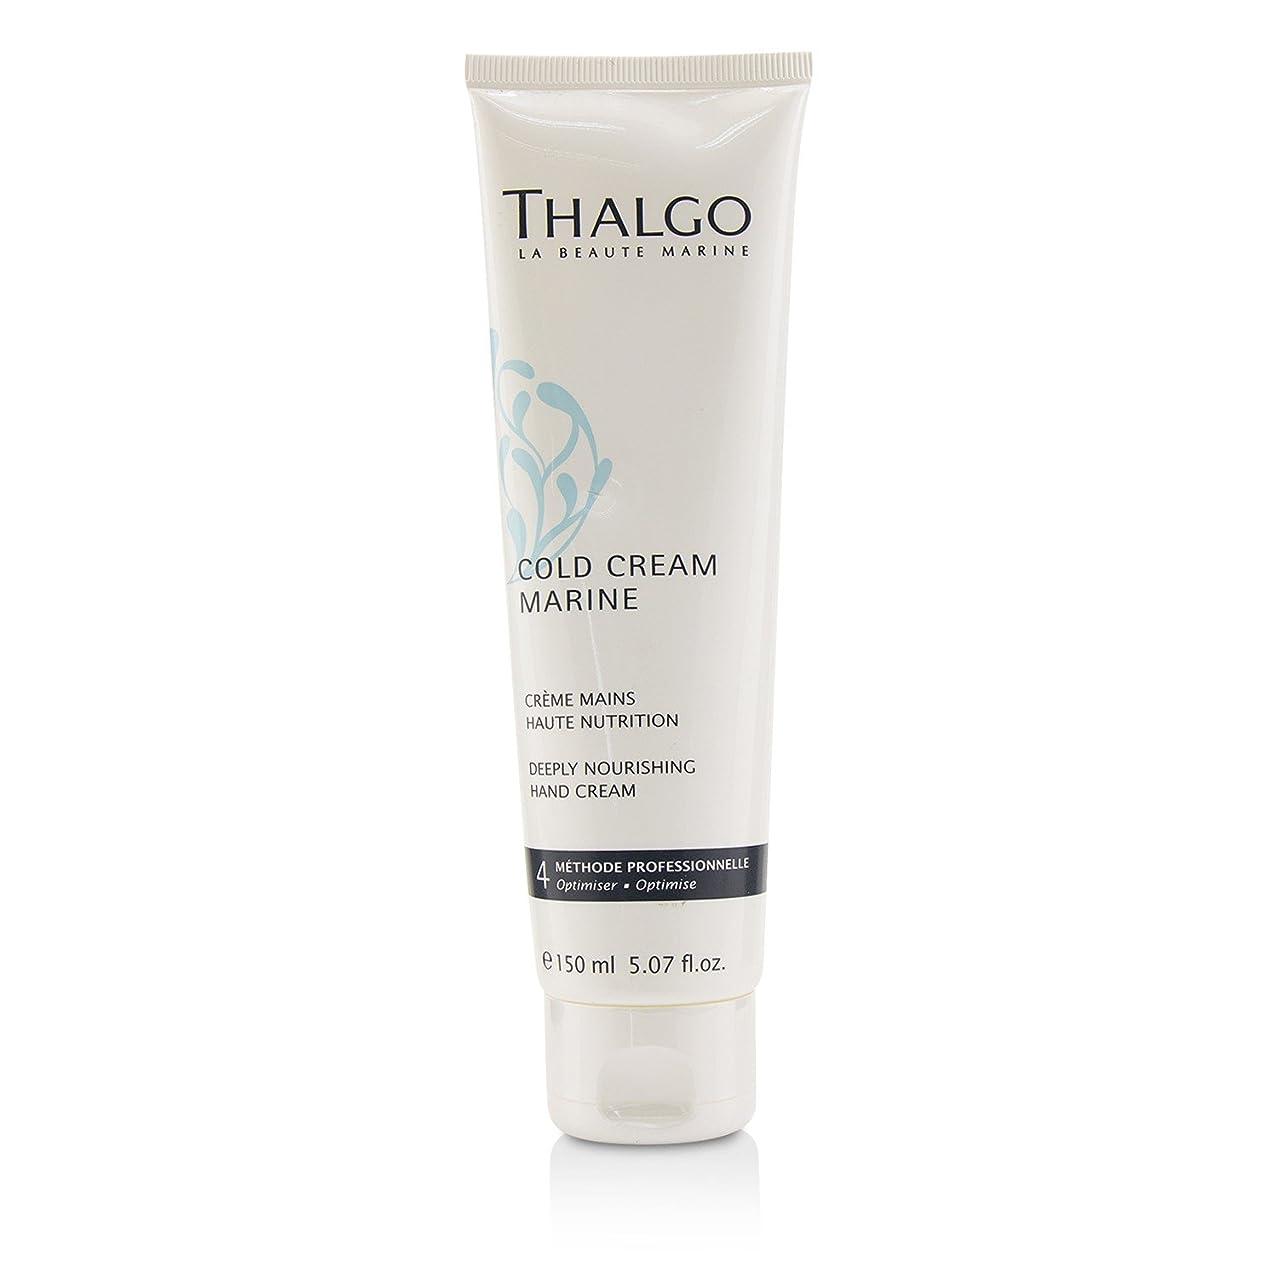 辛な一目机タルゴ Cold Cream Marine Deeply Nourishing Hand Cream - For Dry, Very Dry Hands (Salon Size) 150ml/5.07oz並行輸入品